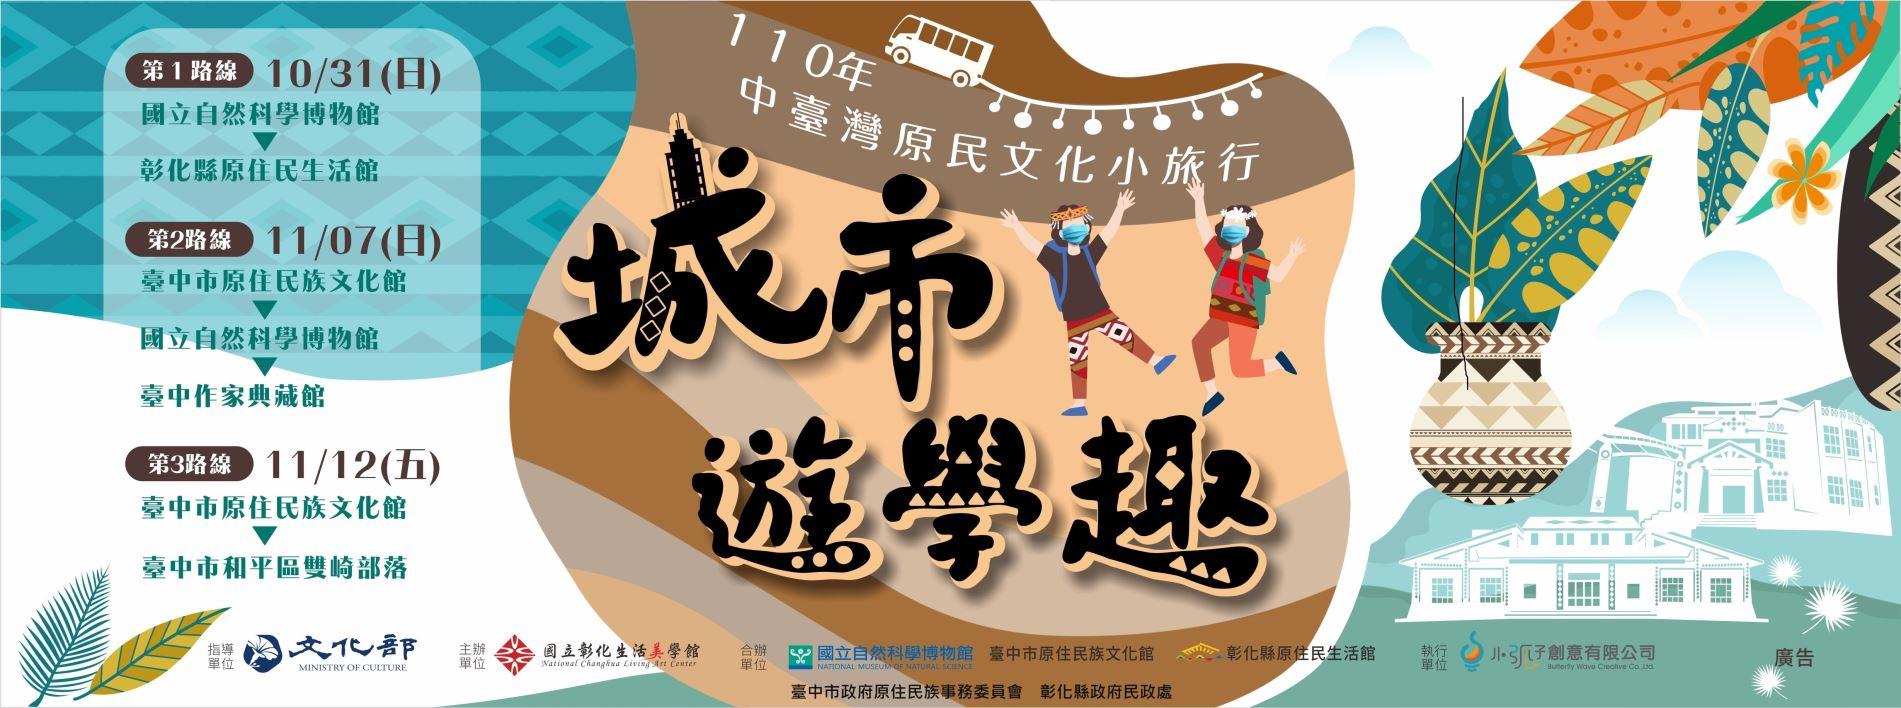 110年中臺灣原民文化小旅行